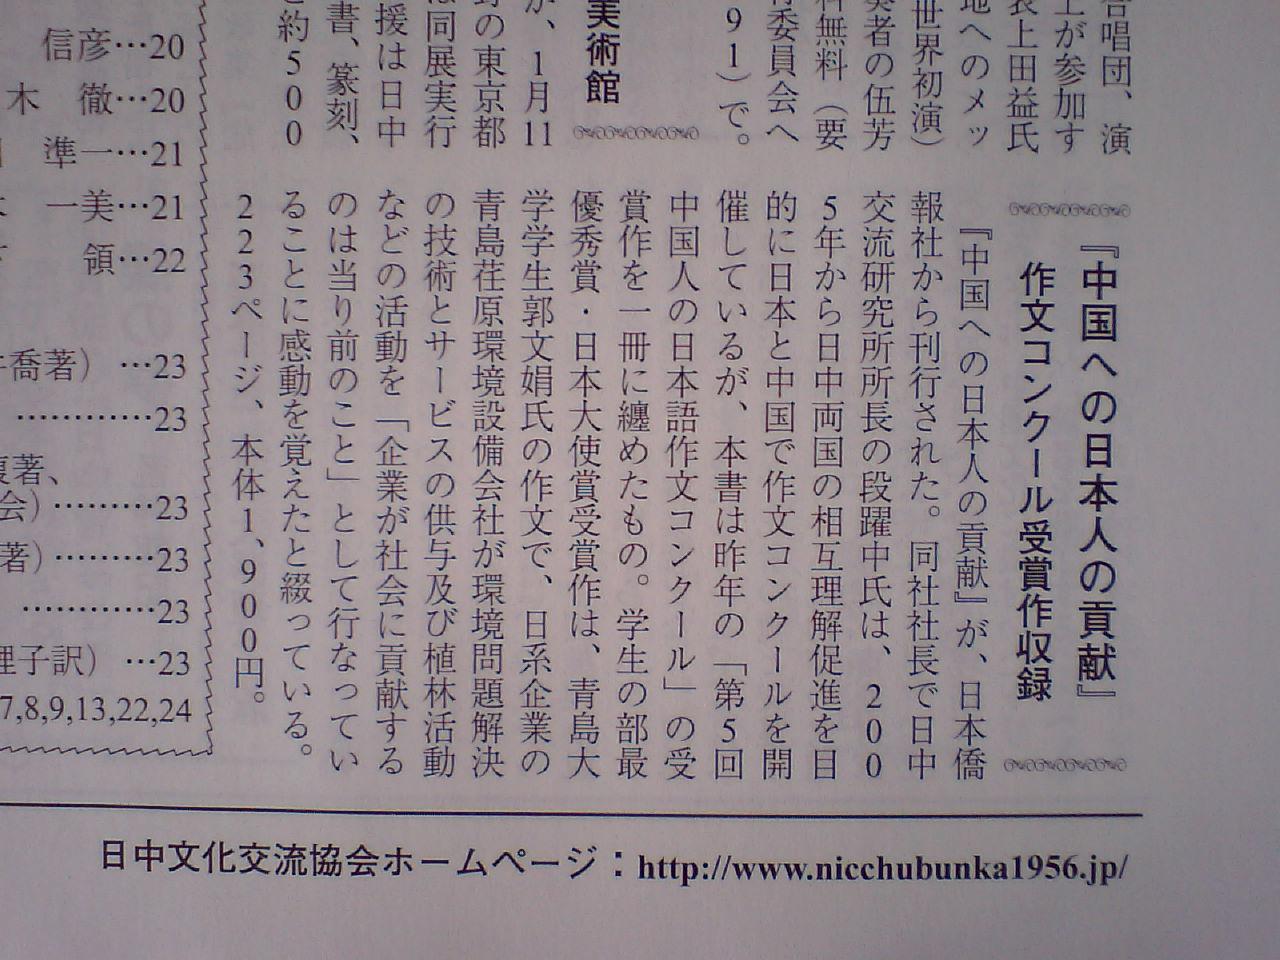 日中文化交流新年号 『中国への日本人の貢献』が紹介された_d0027795_1136197.jpg